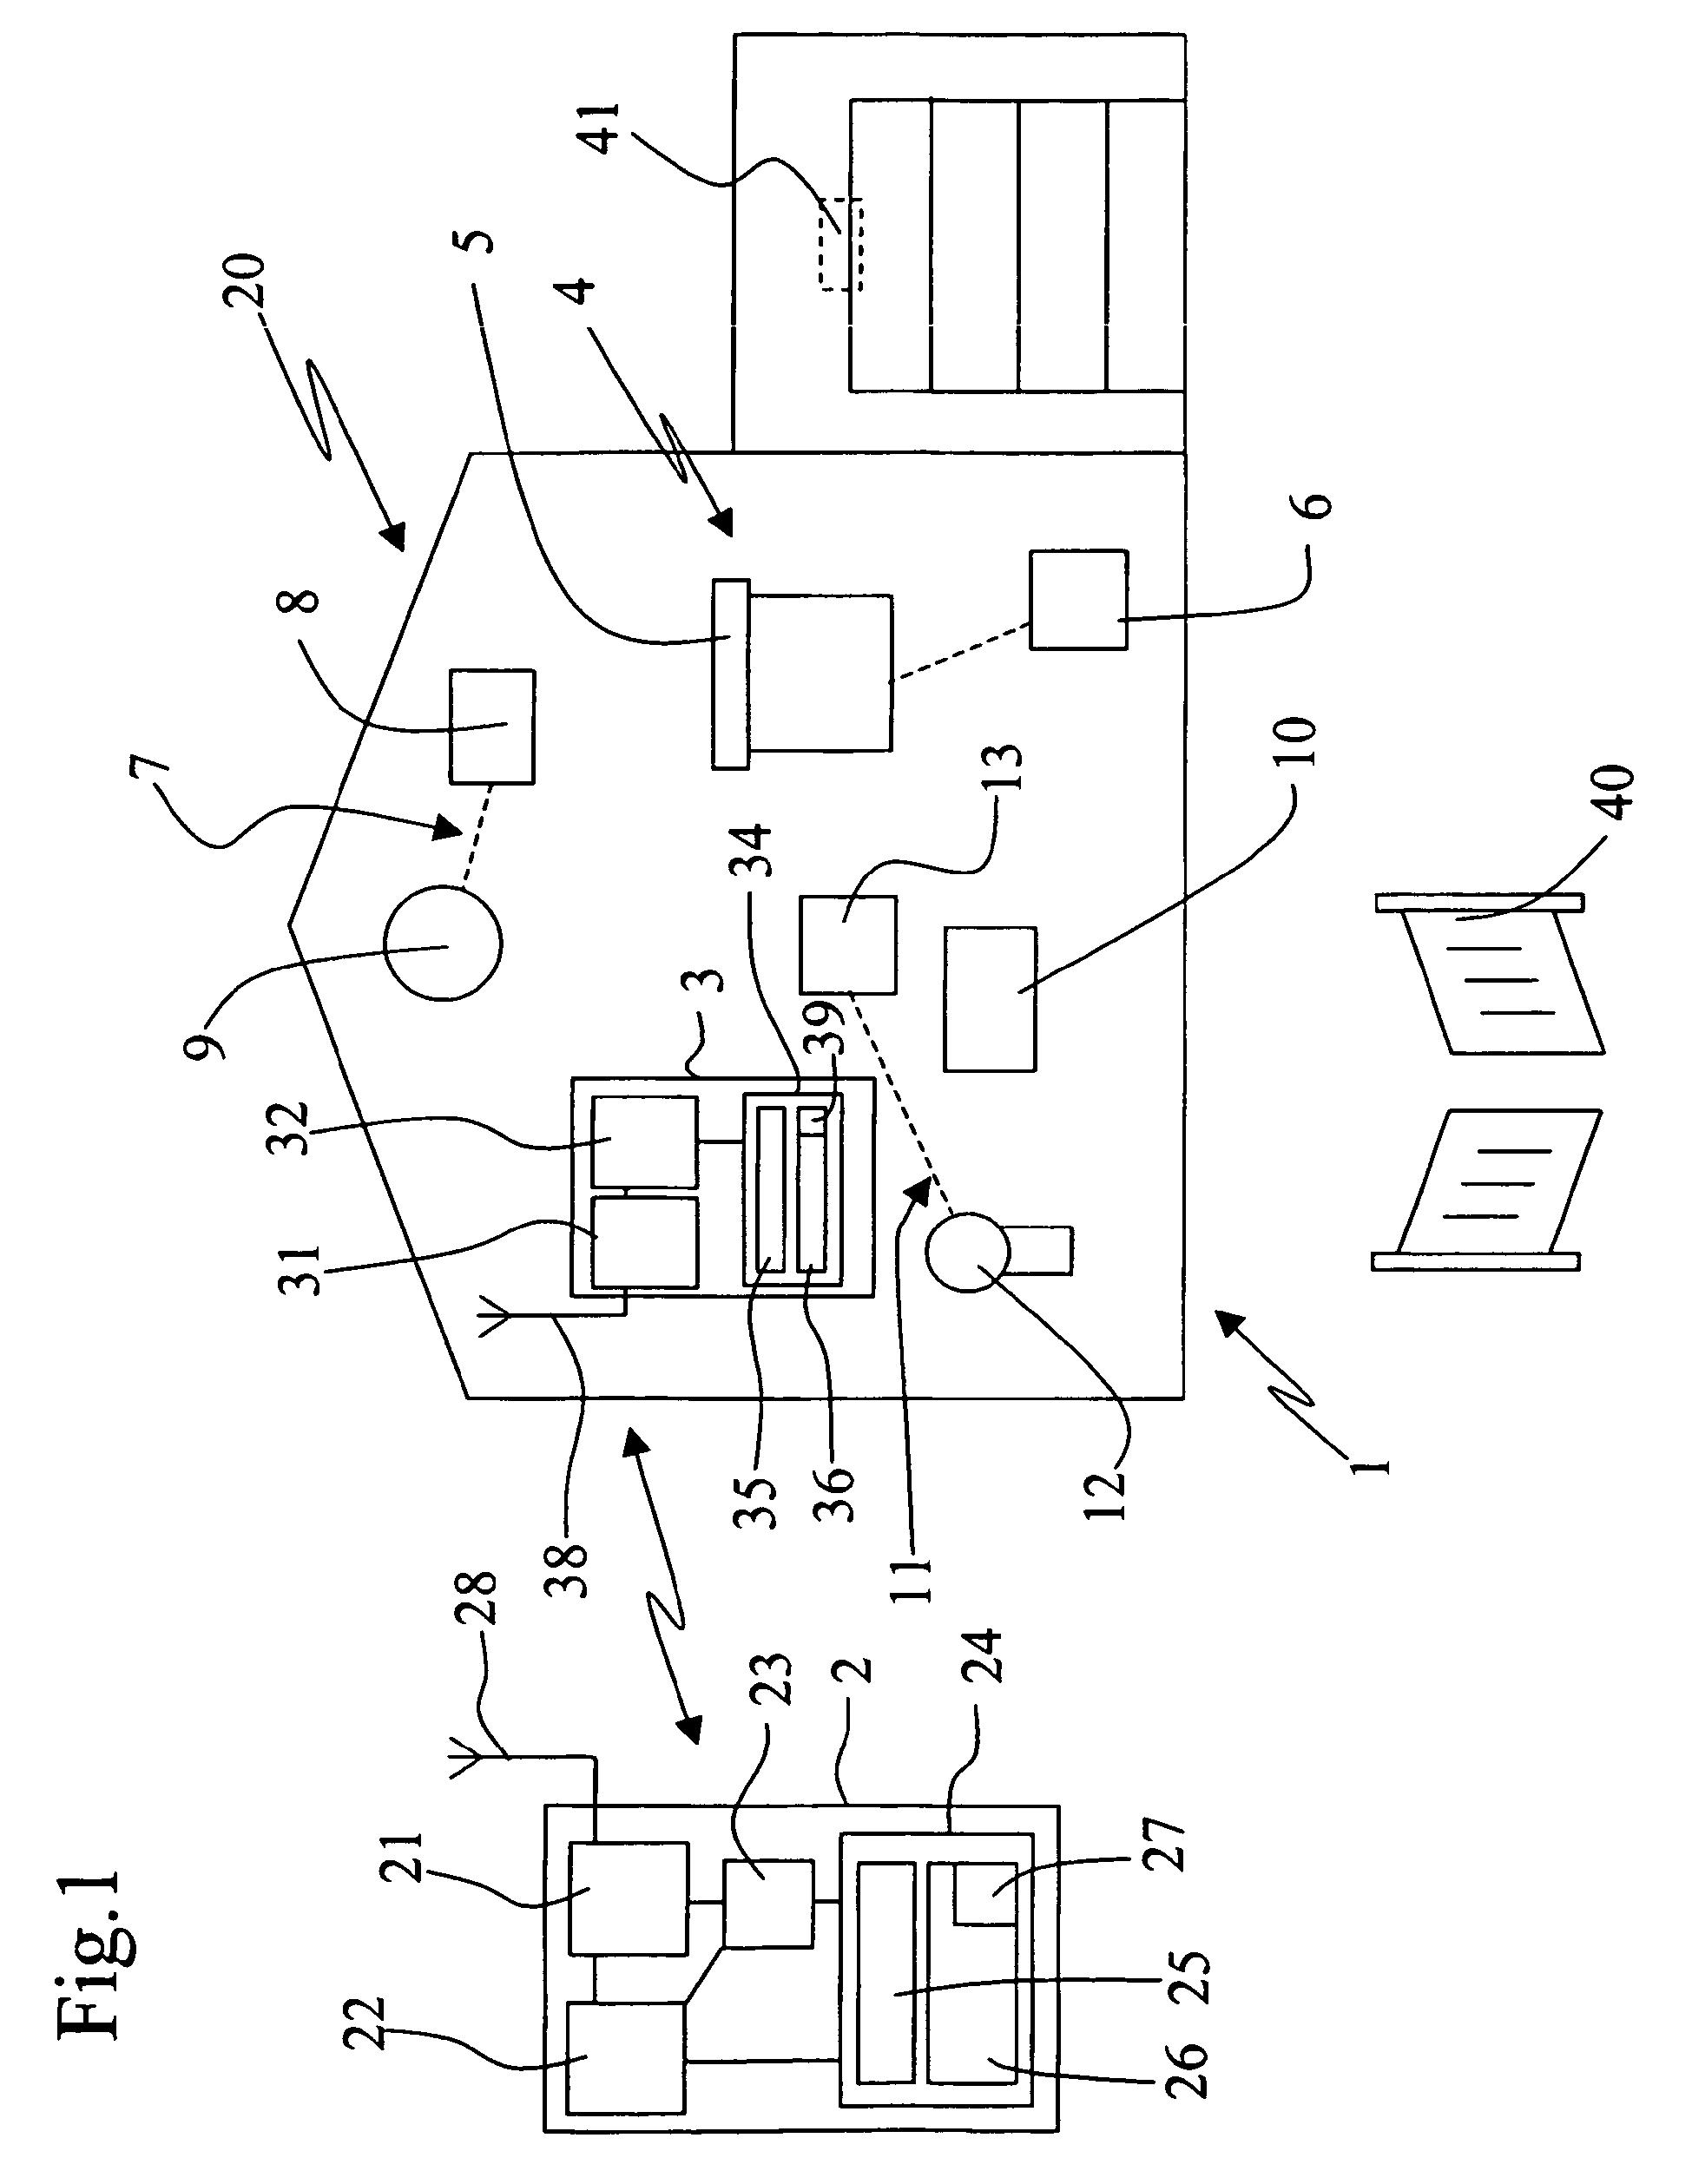 Rule Float Switch Wiring Diagram Http Wwwjustanswercom Appliance